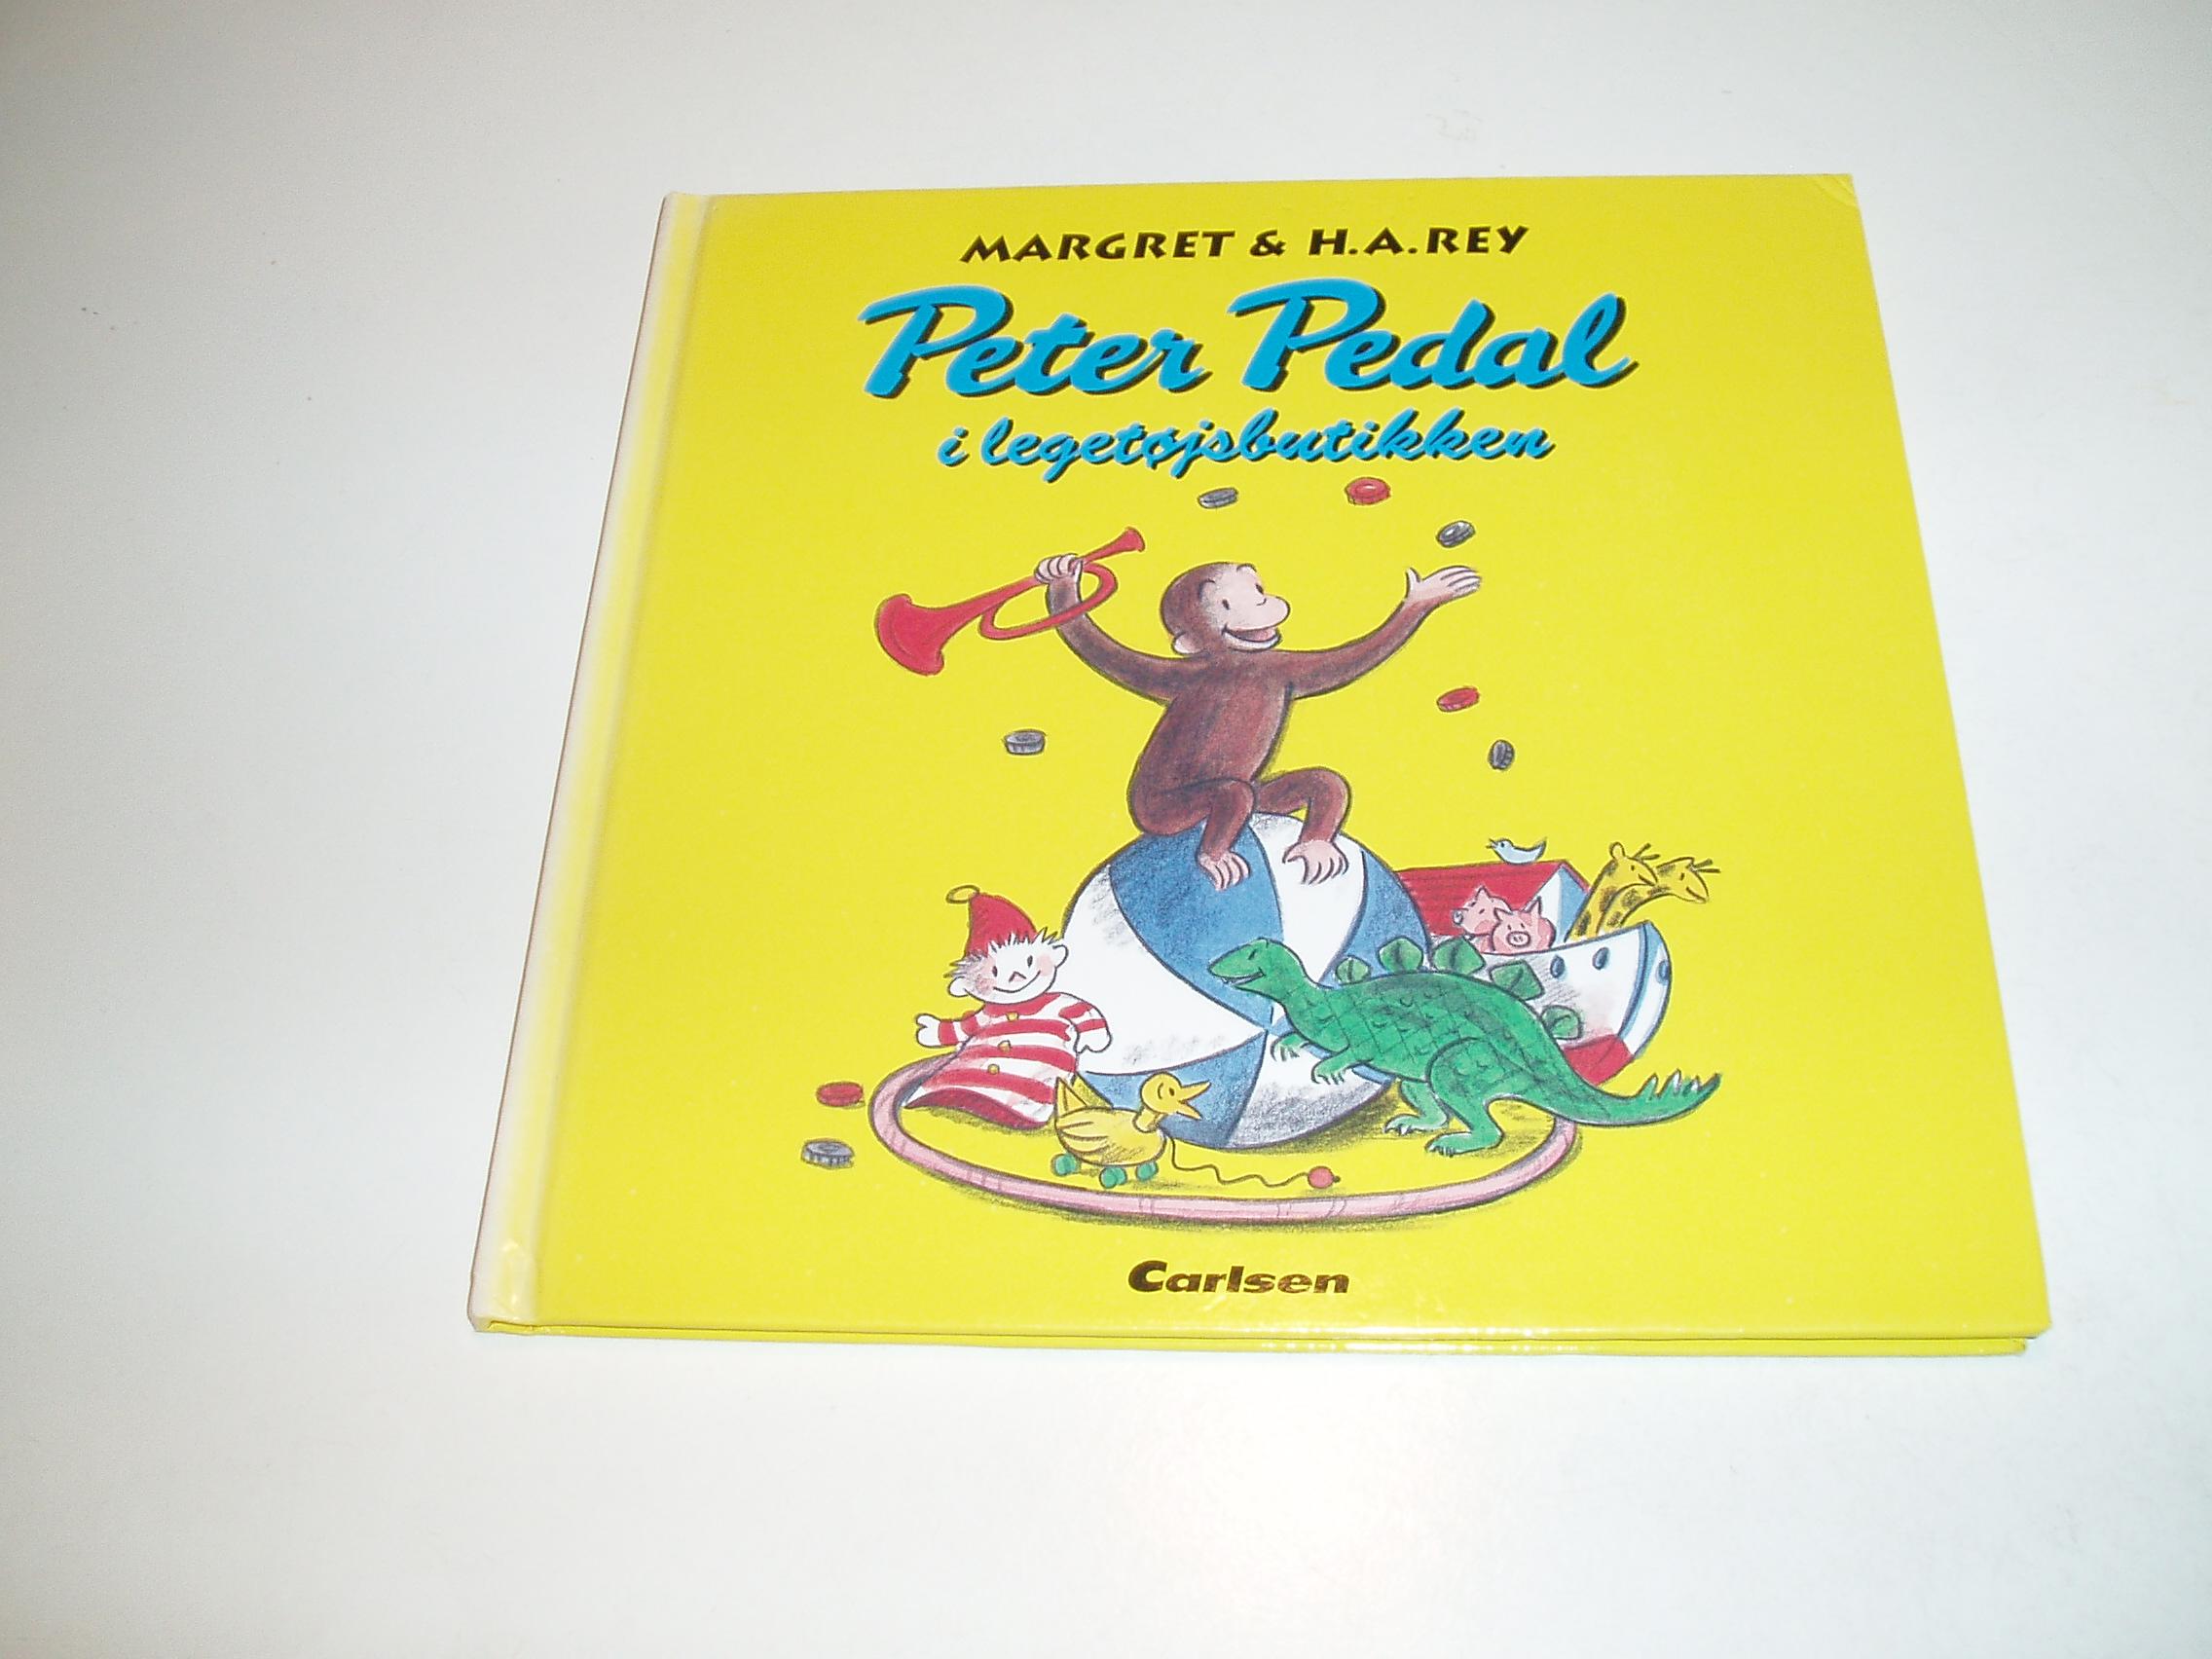 Peter Pedal i legetøjsbutikken